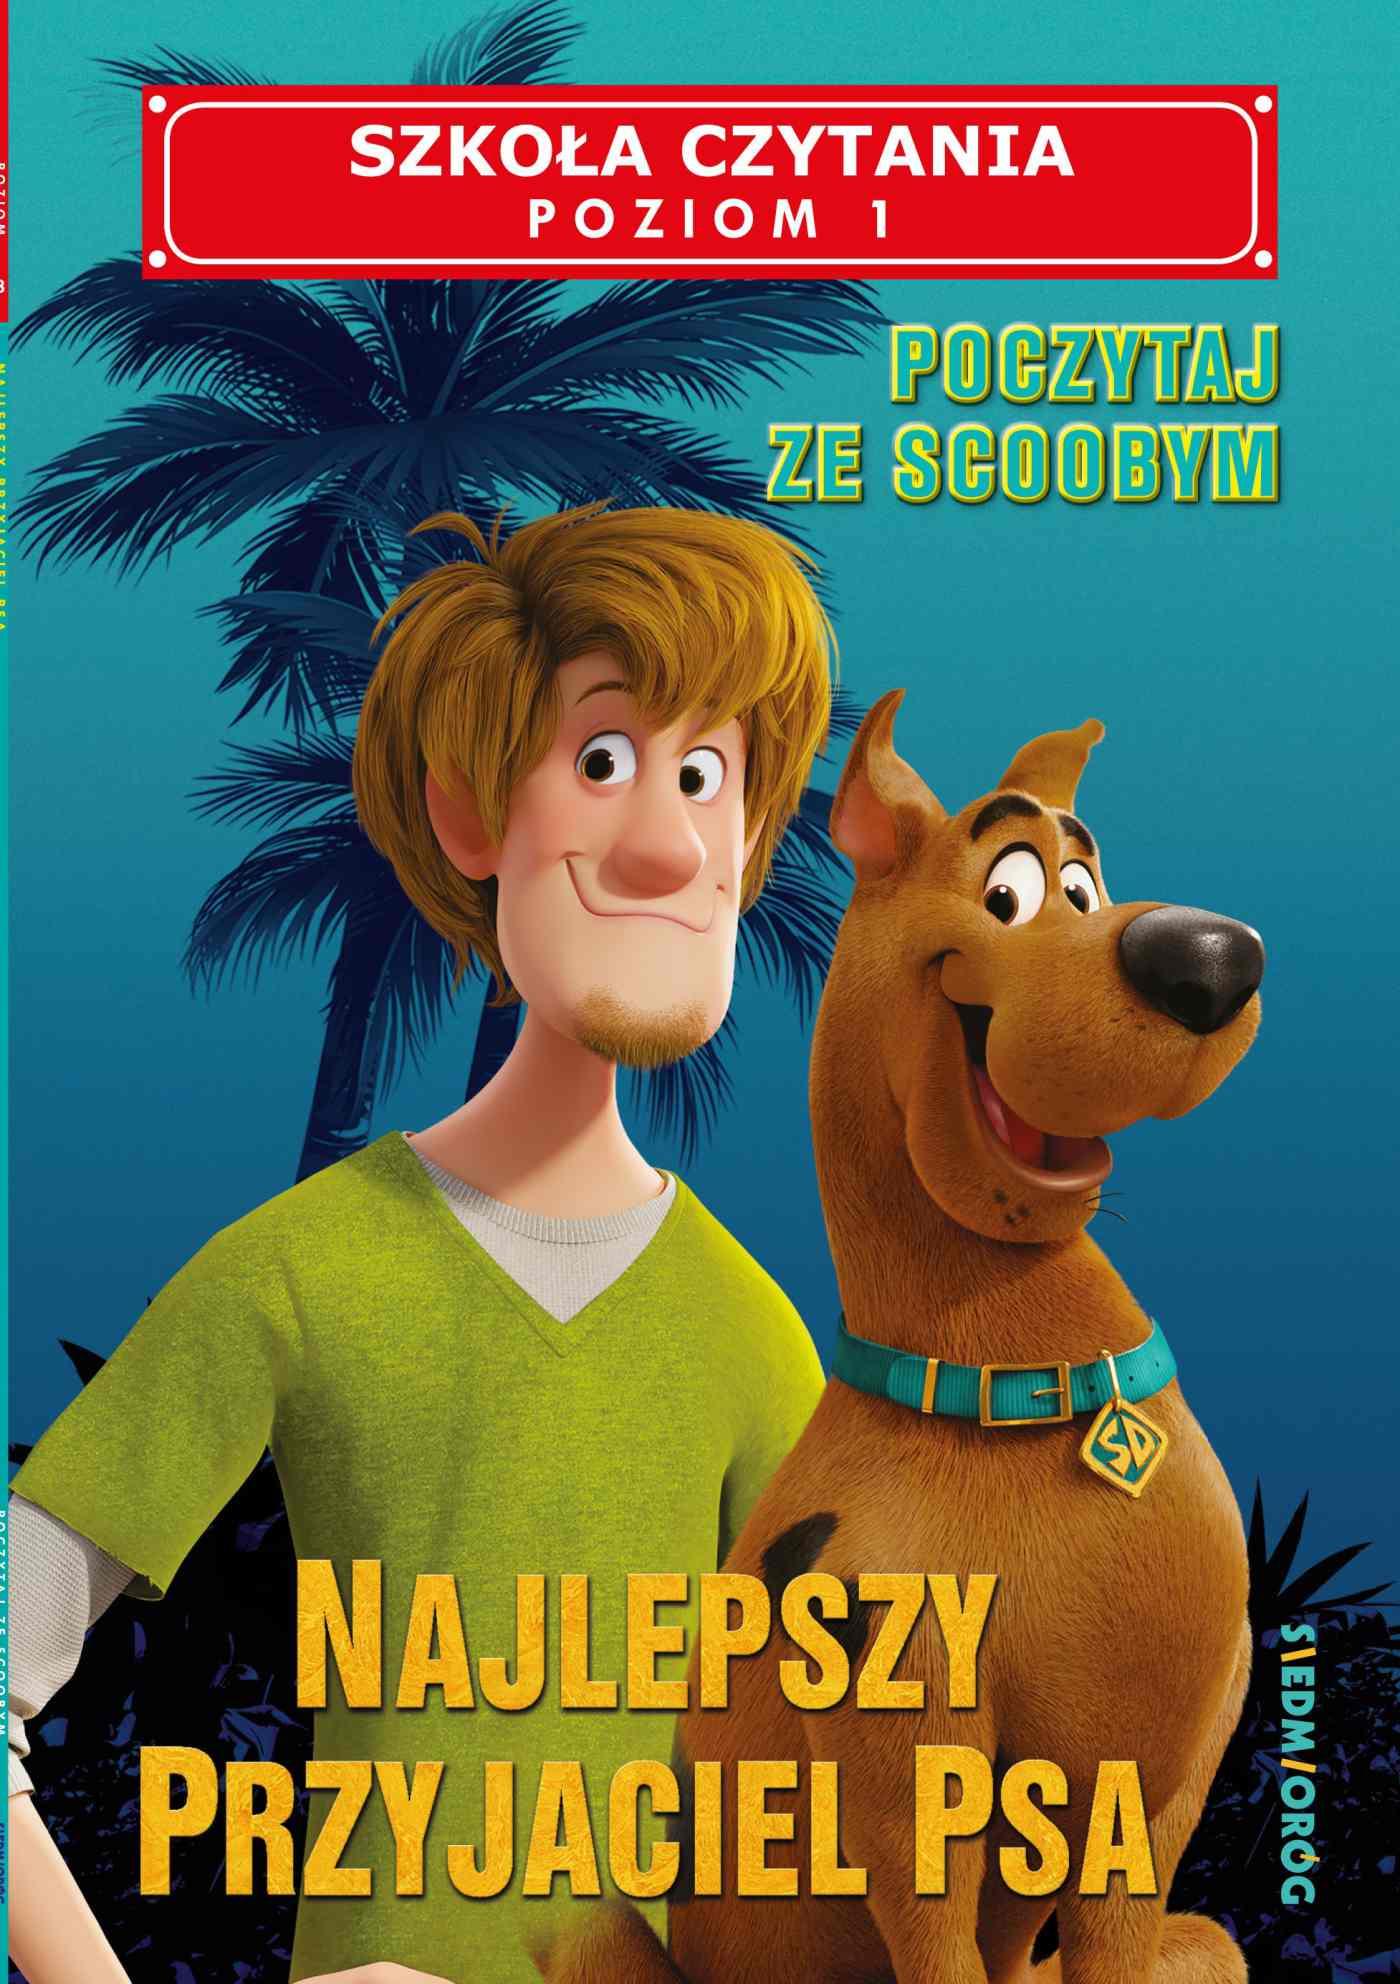 Scooby-Doo! Najlepszy przyjaciel psa - Ebook (Książka EPUB) do pobrania w formacie EPUB